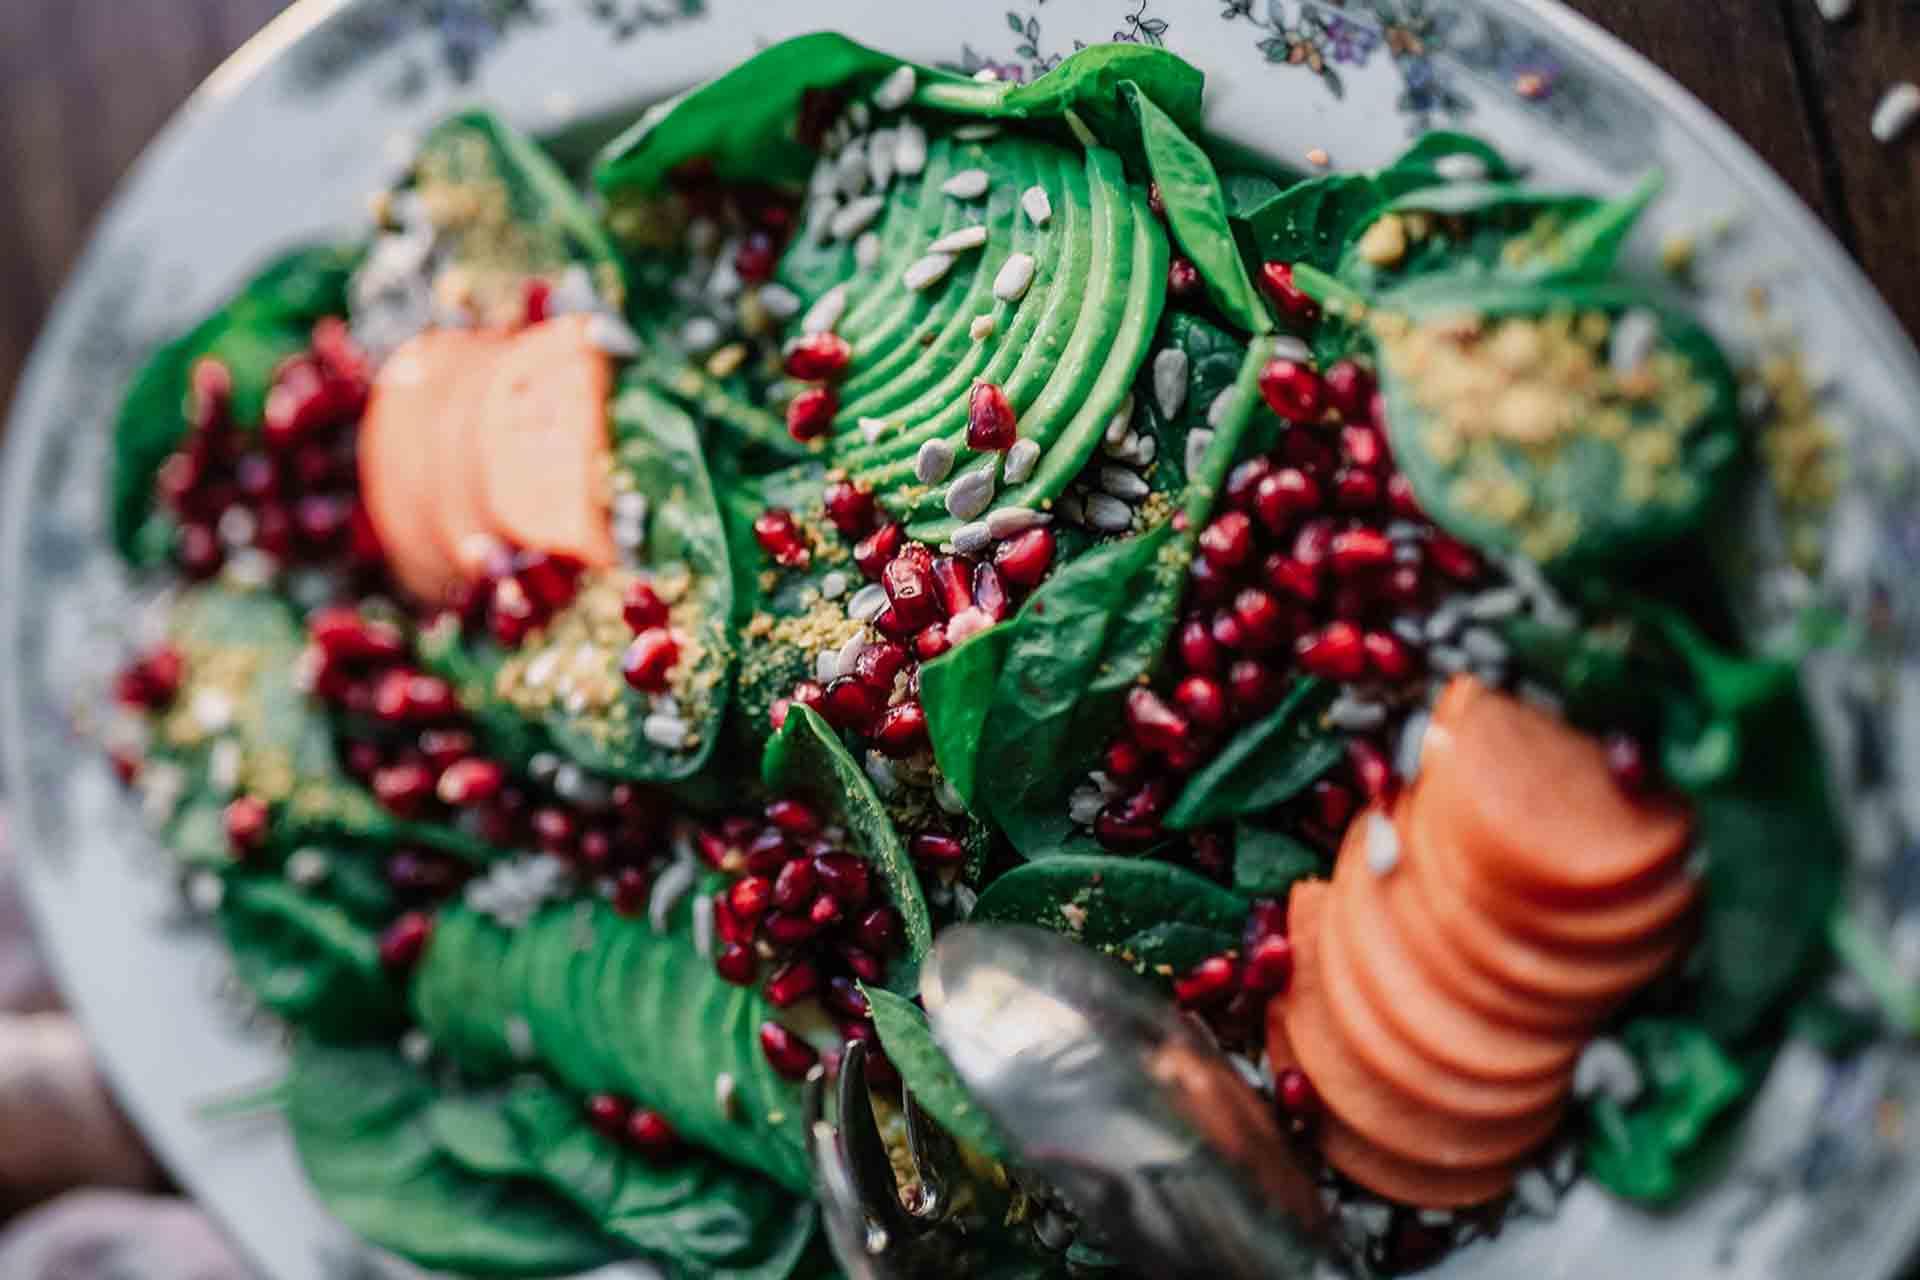 Mangiare Sano E Vivere Meglio (dimenticando Le Diete, Lo Giuro!)